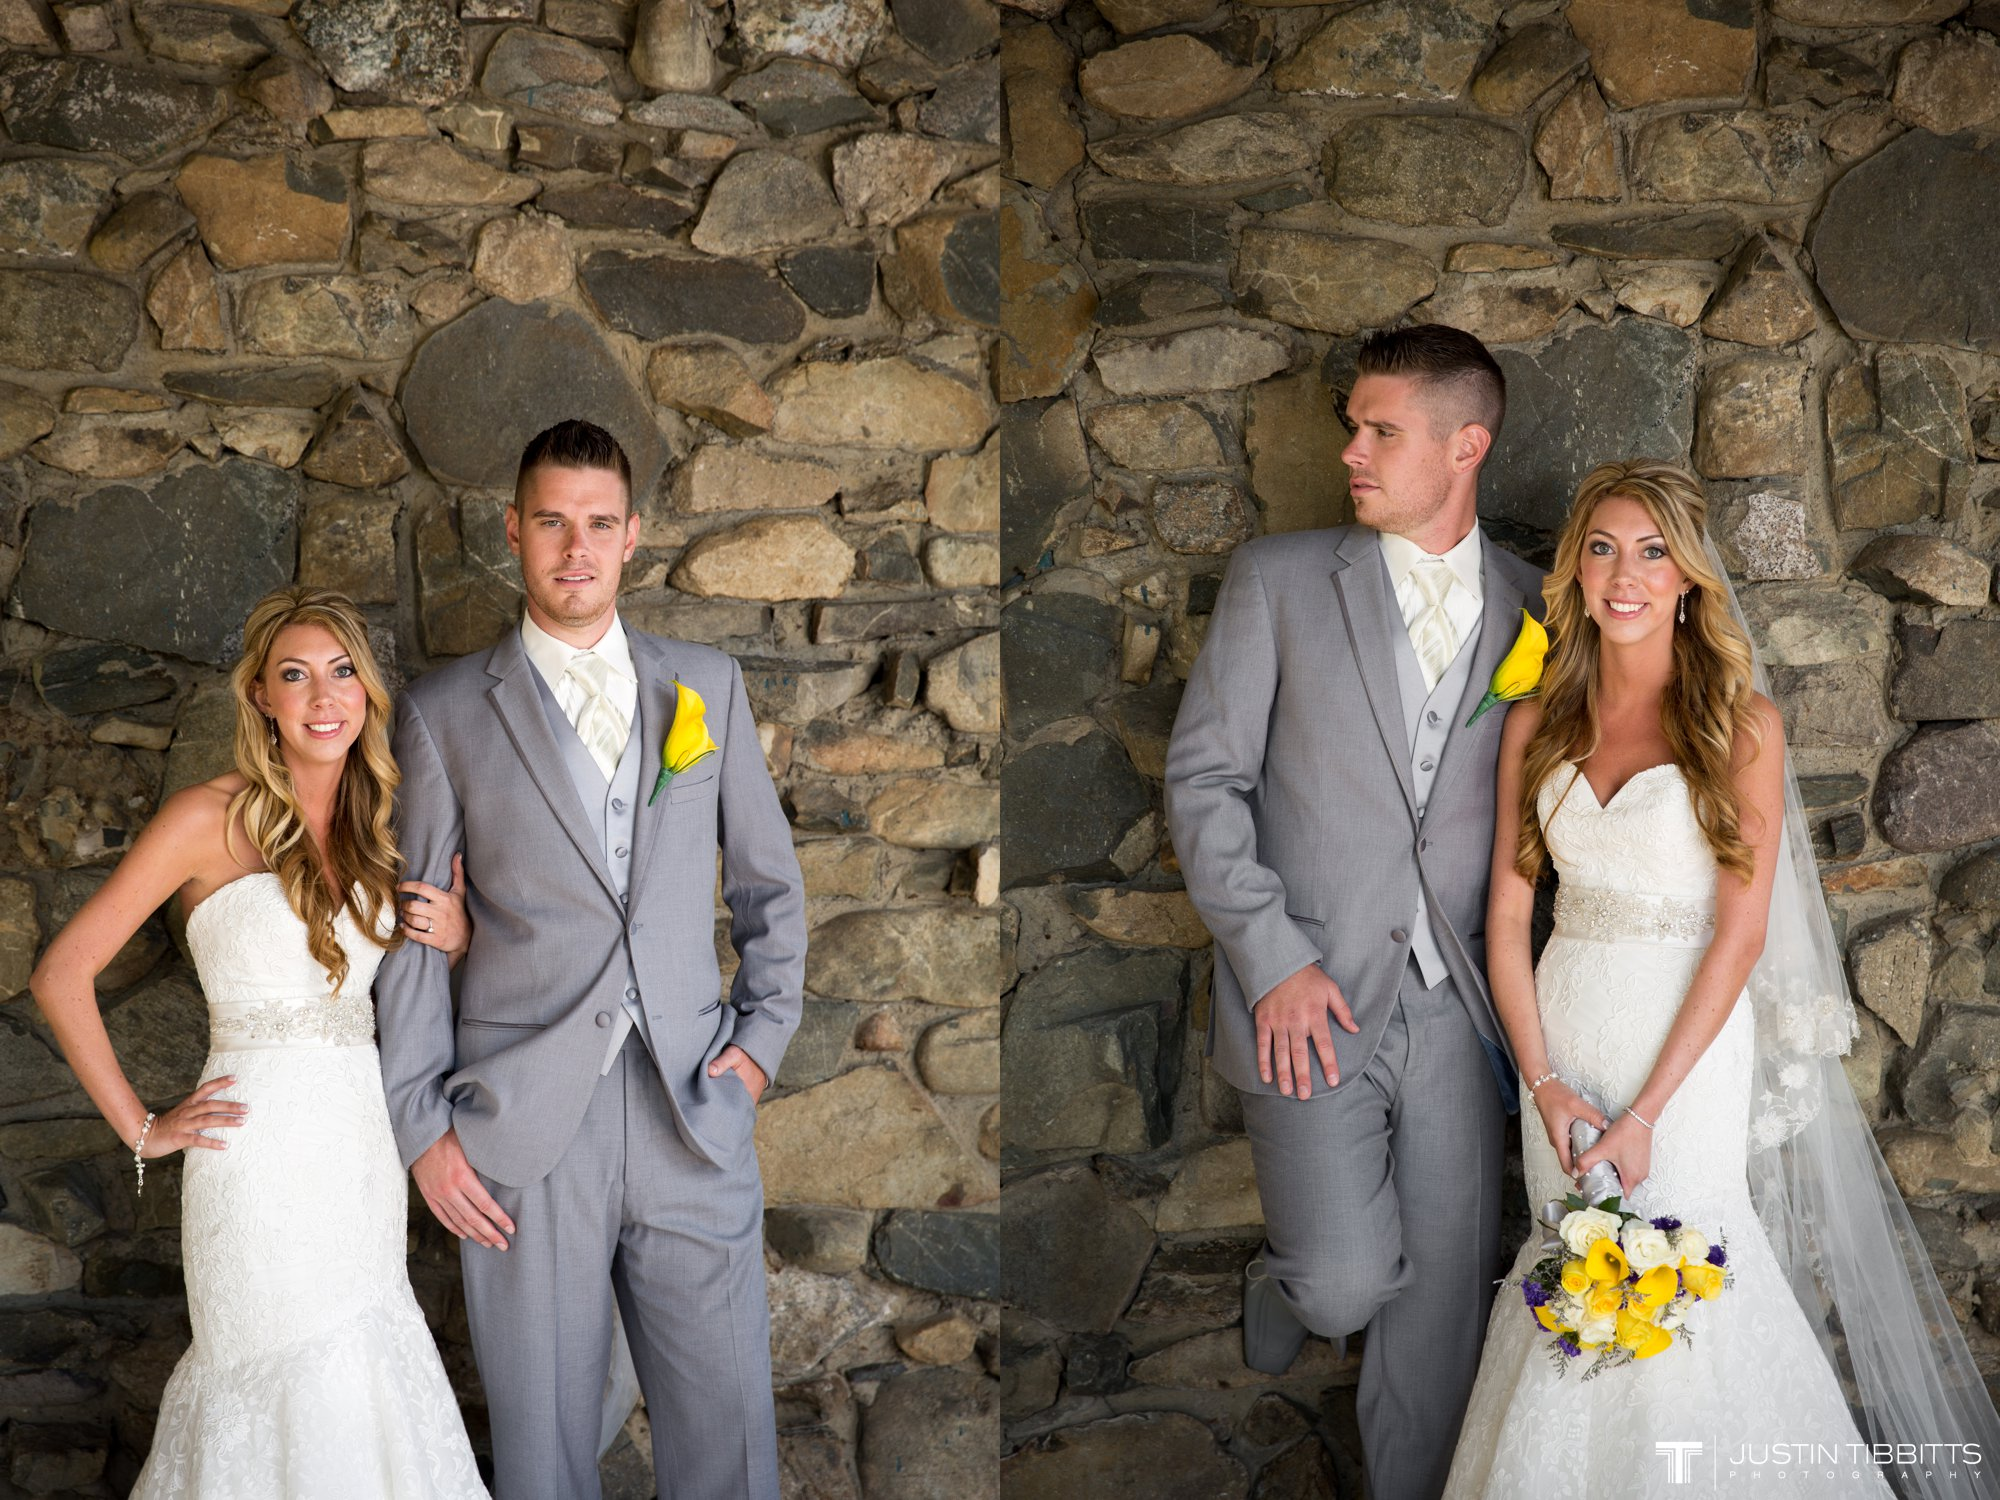 Albany NY Wedding Photographer Justin Tibbitts Photography 2014 Best of Albany NY Weddings-937270